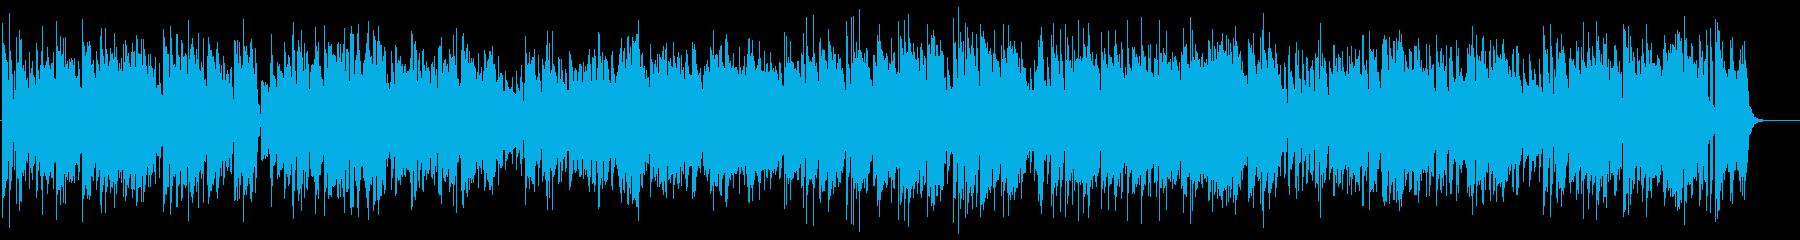 スカボロー・フェア 女性ジャズの再生済みの波形